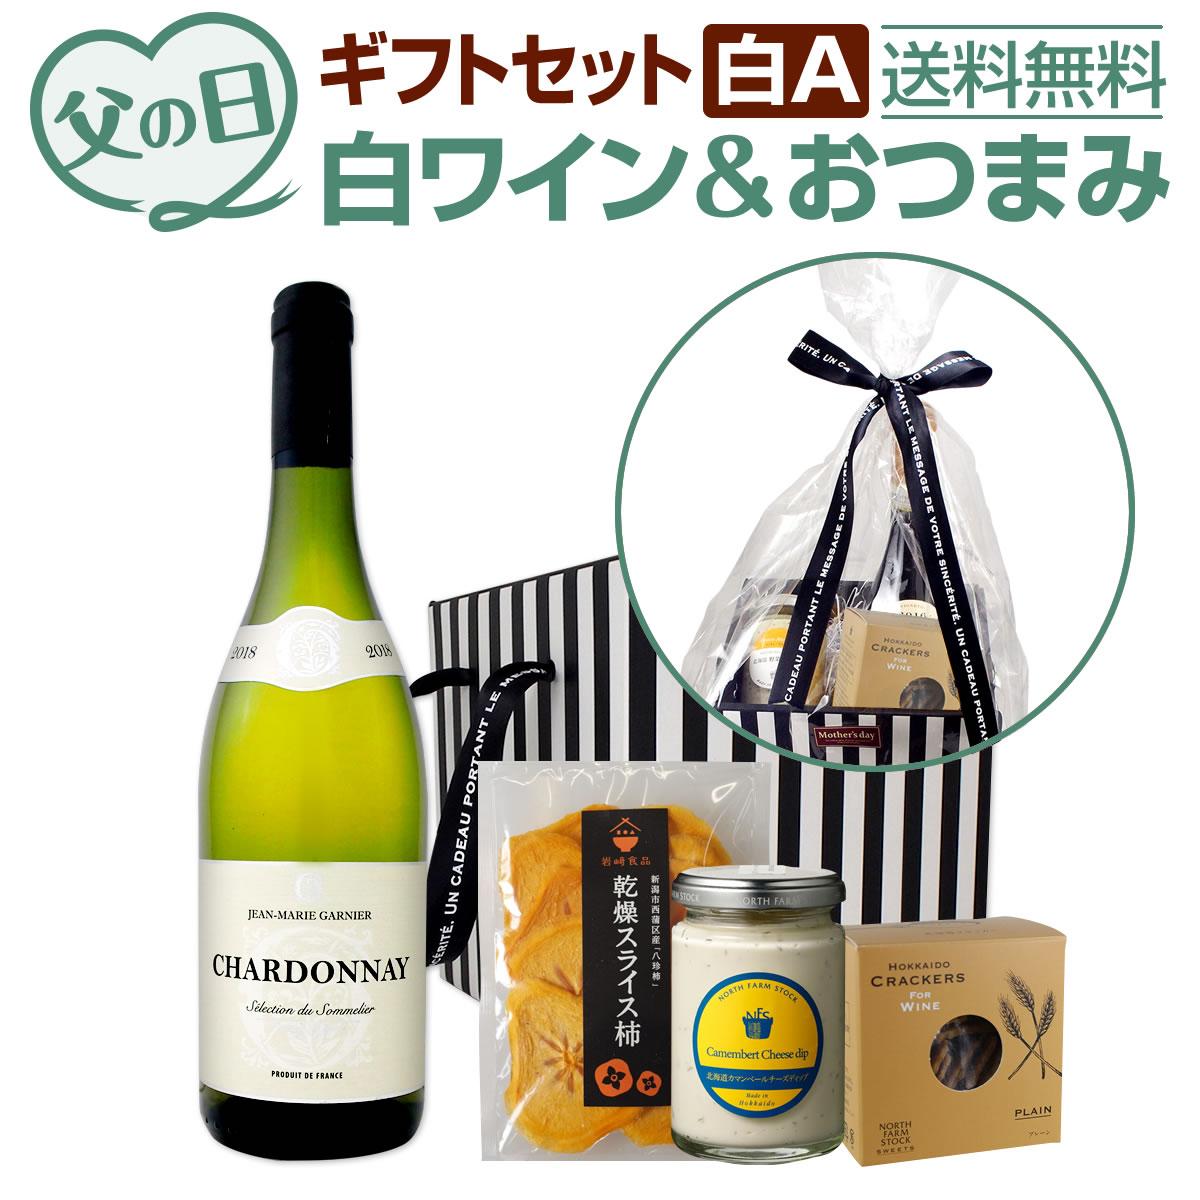 【送料無料】父の日ギフトセット白Aギフトプレゼント ギフト プレゼント 食品 おつまみセット 誕生日 酒 ワイン セット 白ワイン